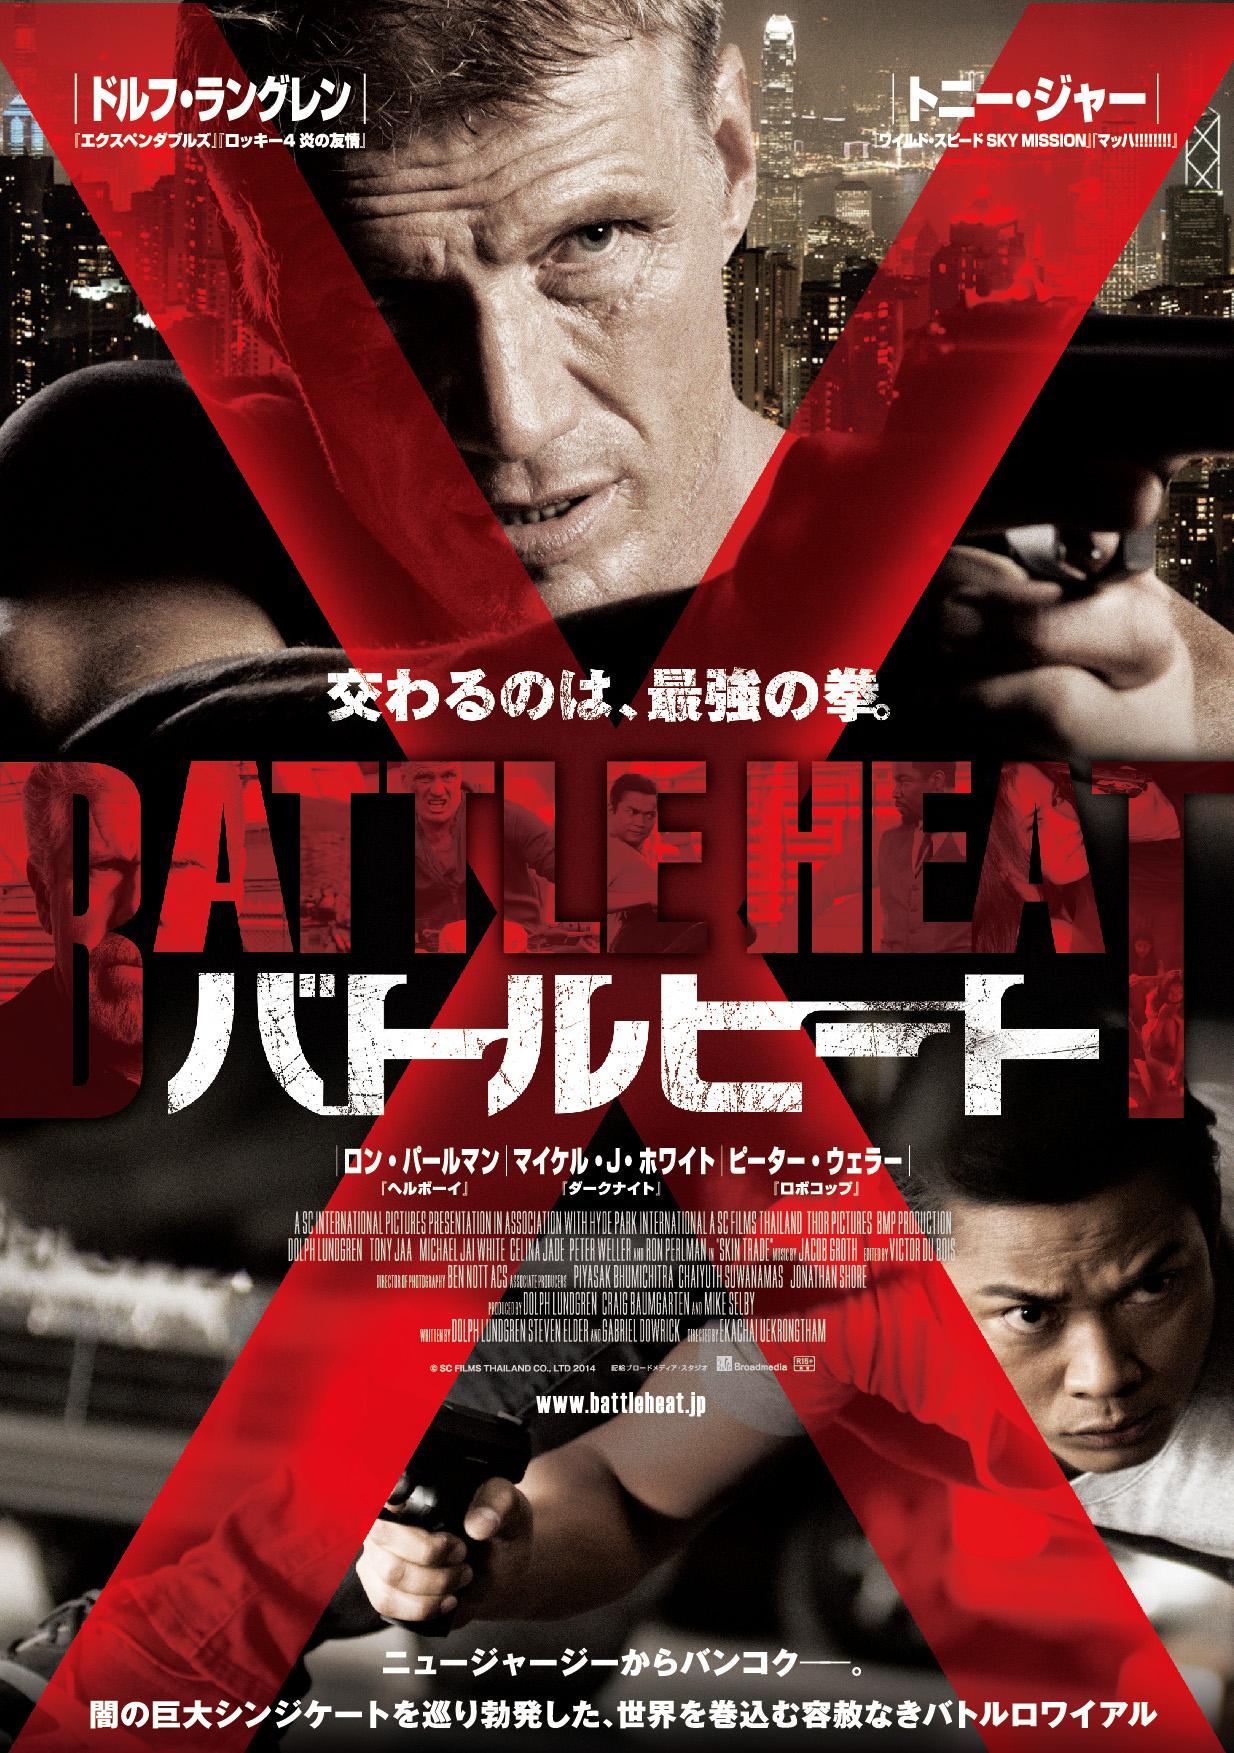 movie battleheat